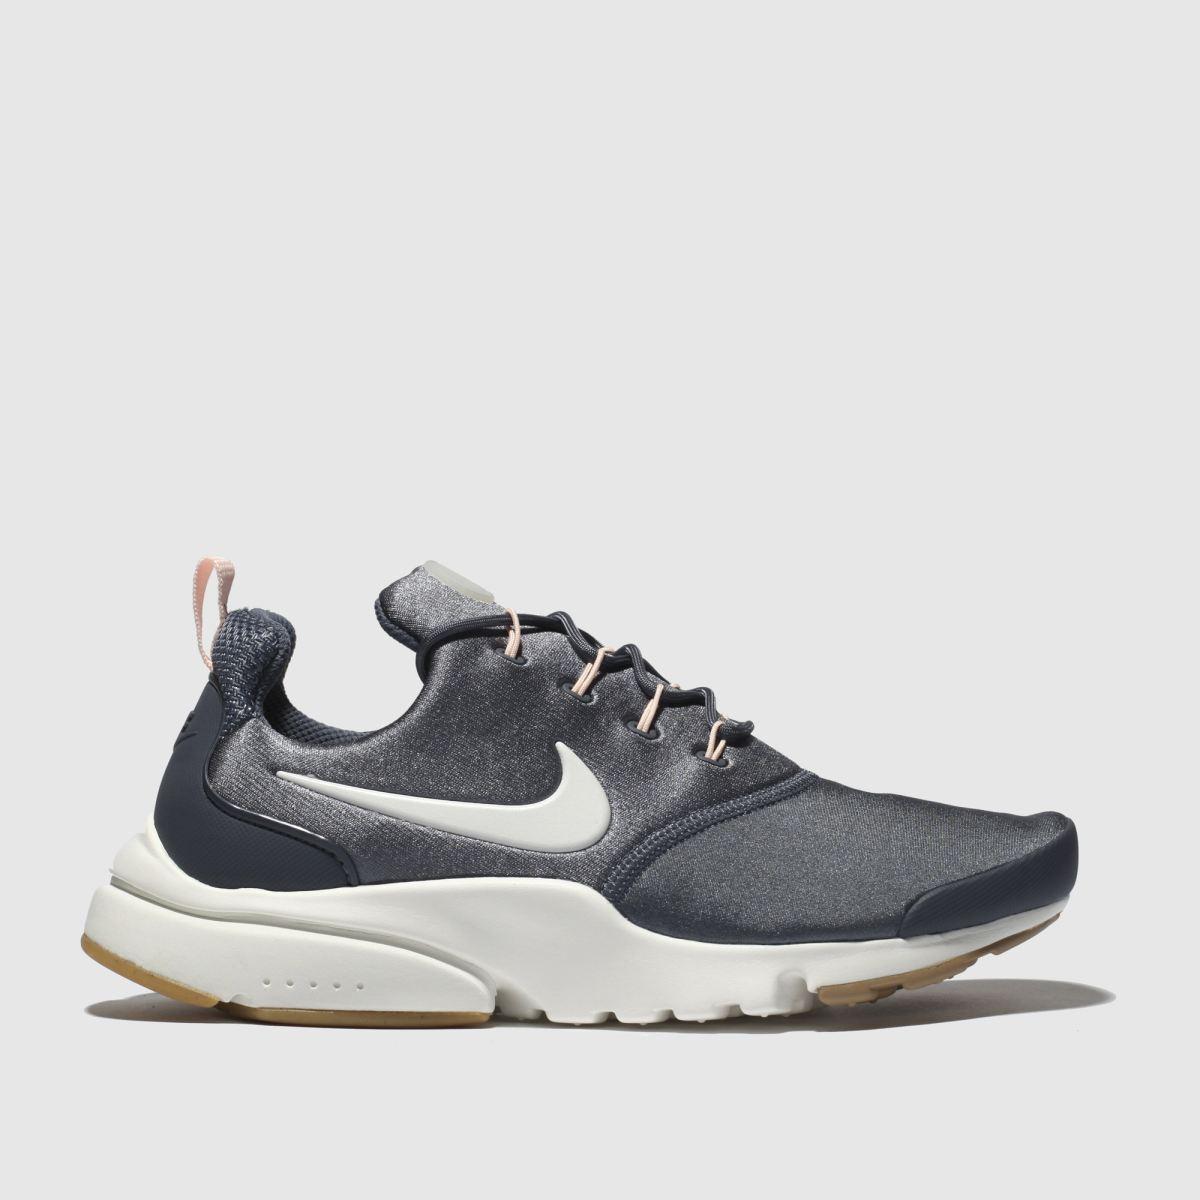 Nike Grey Presto Fly Trainers